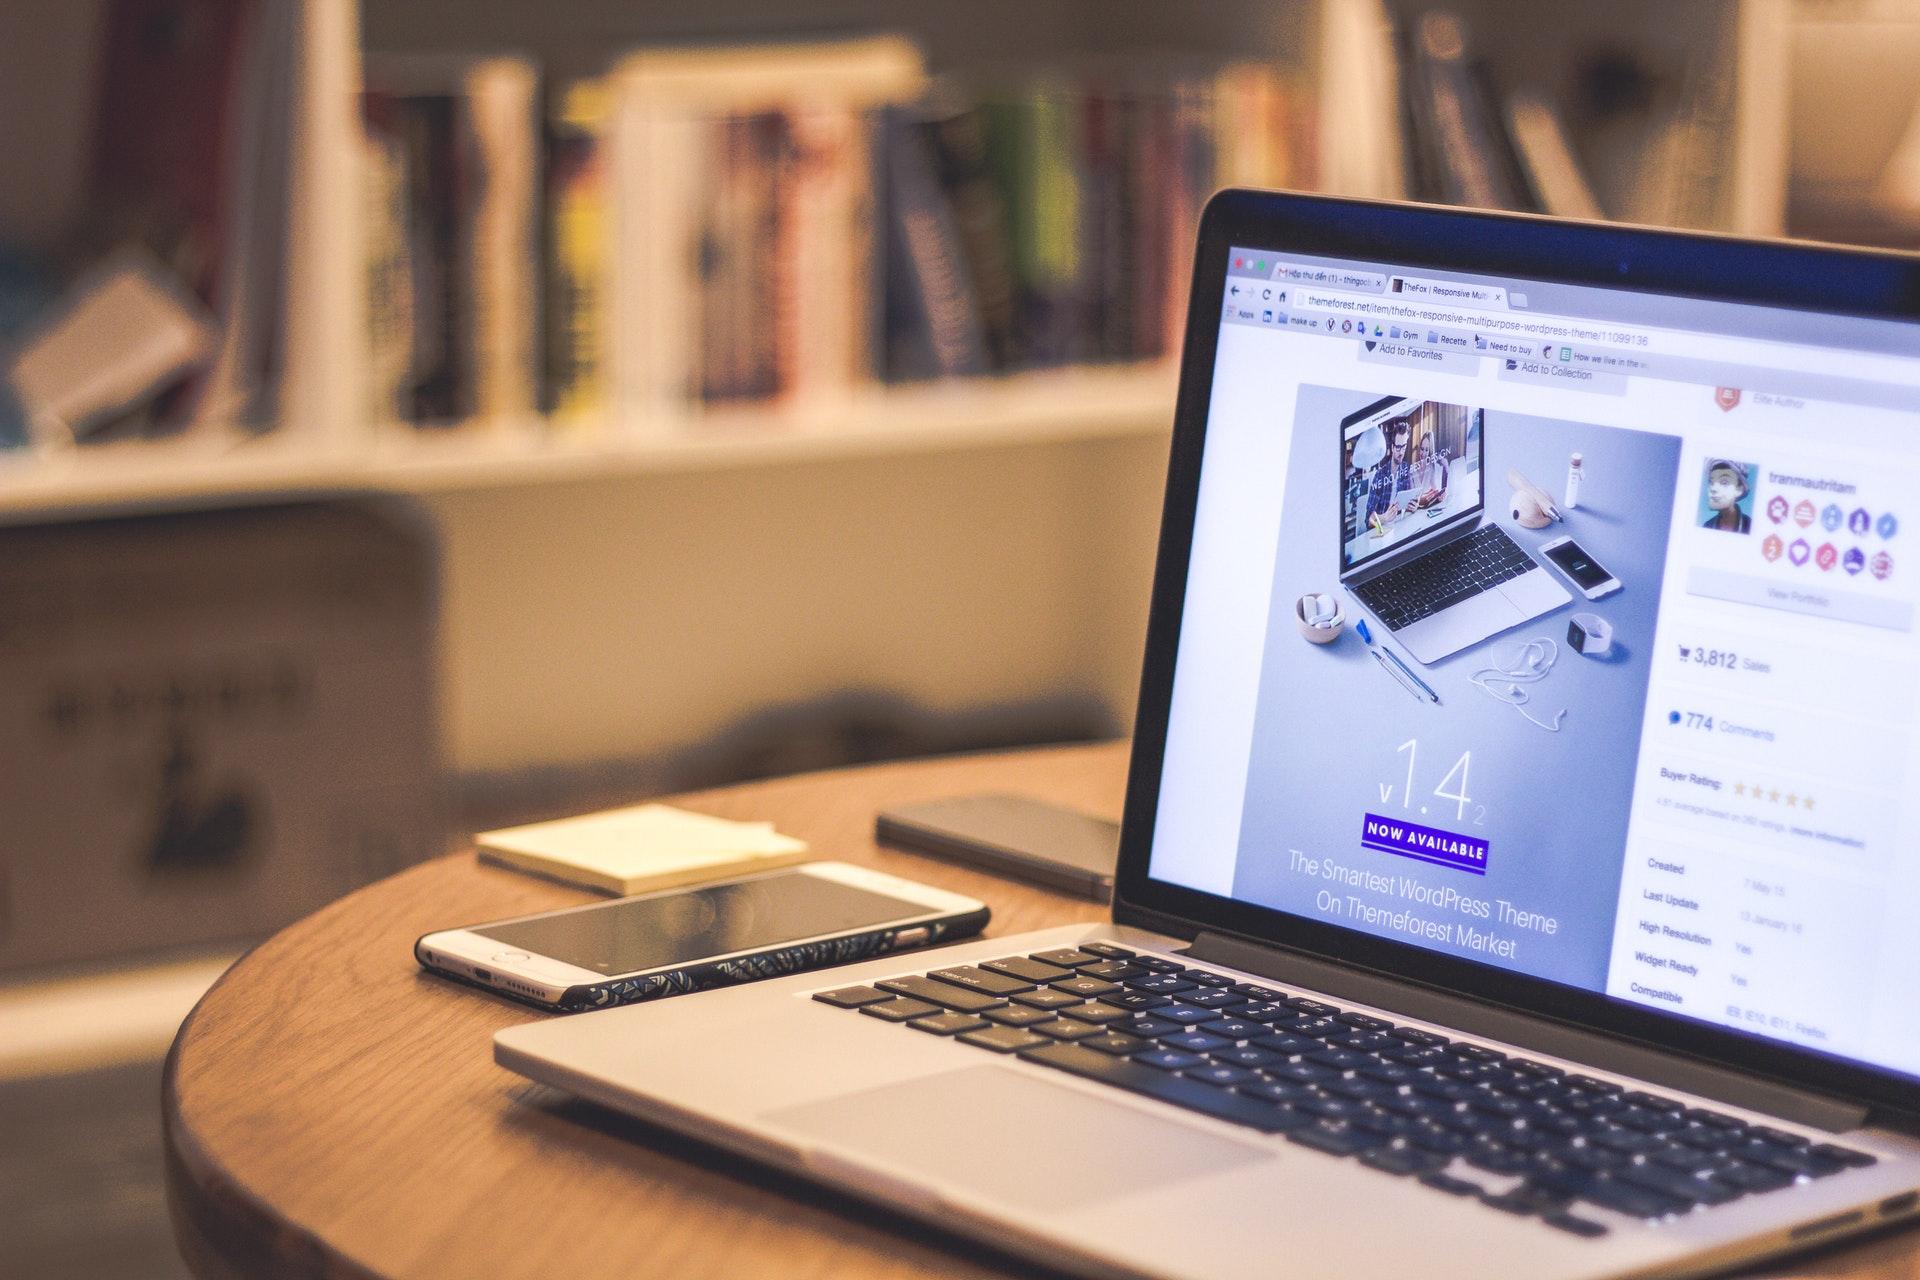 desk-laptop-macbook-pro-working-69432